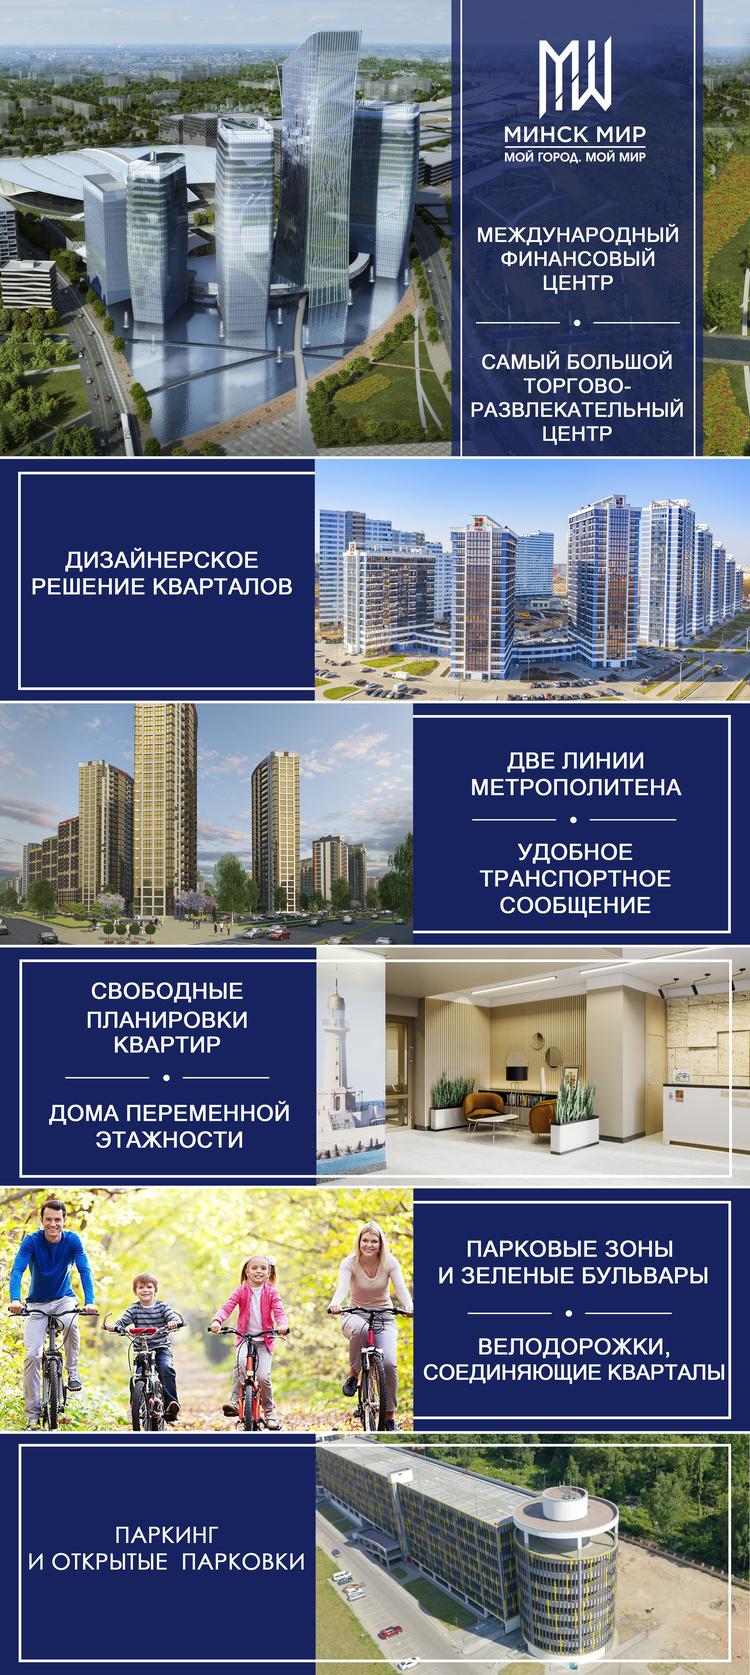 «Ницца»: невероятный спрос! В столичном комплексе «Минск Мир» стартовали горячие продажи квартир в новом доме!